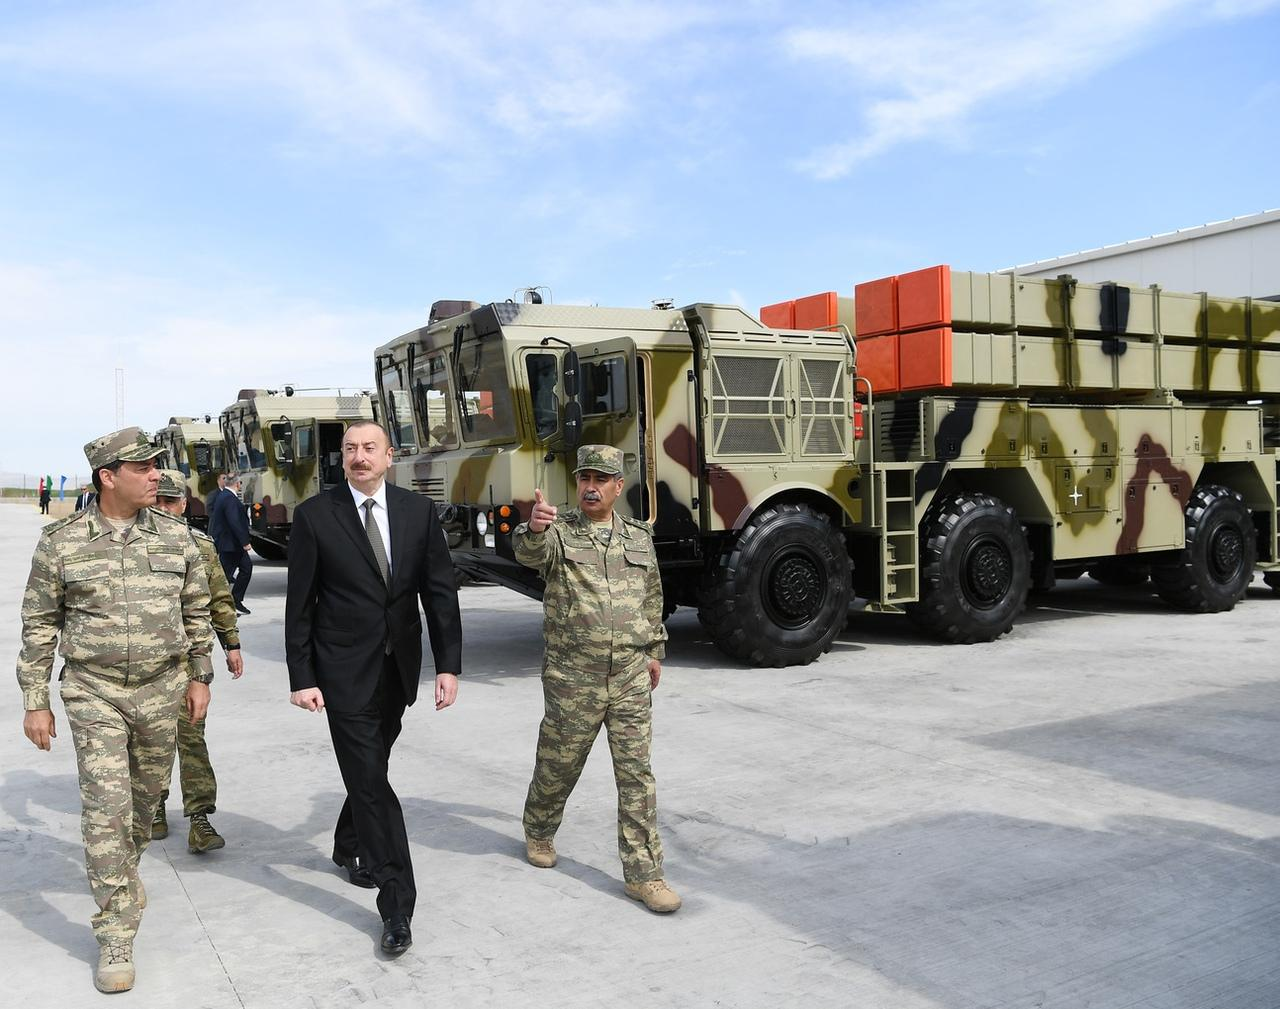 抢中国生意?白俄向阿塞拜疆出口新型远程火箭炮 由中国帮助研发